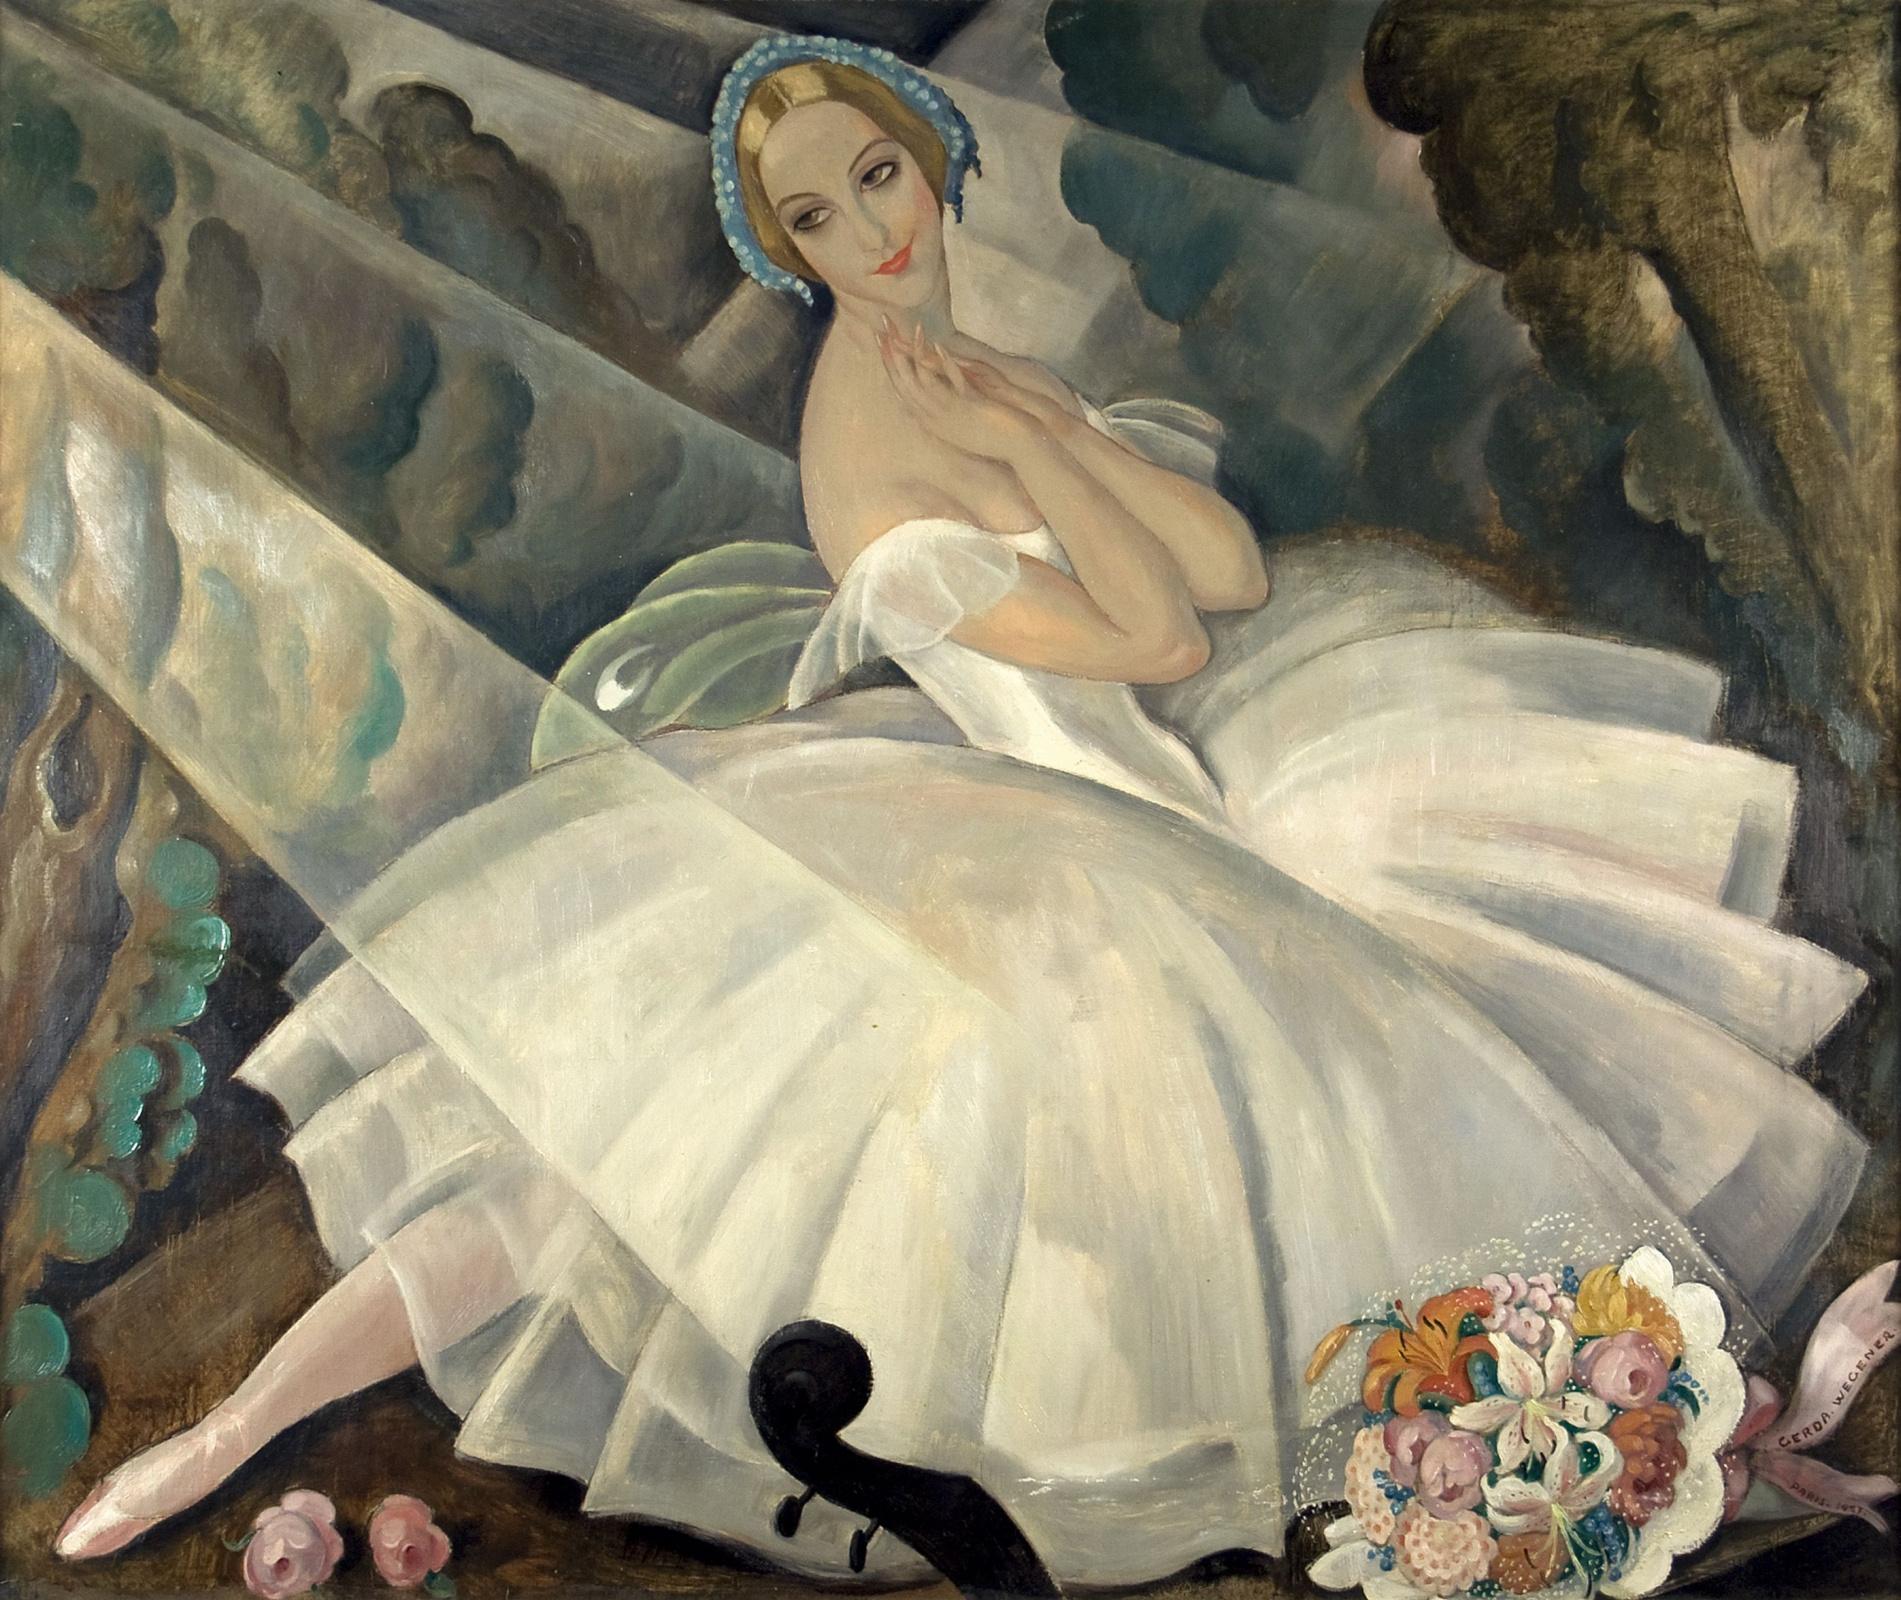 Герда Вегенер. Балерина  Улла Поульсен в балете «Шопениана»